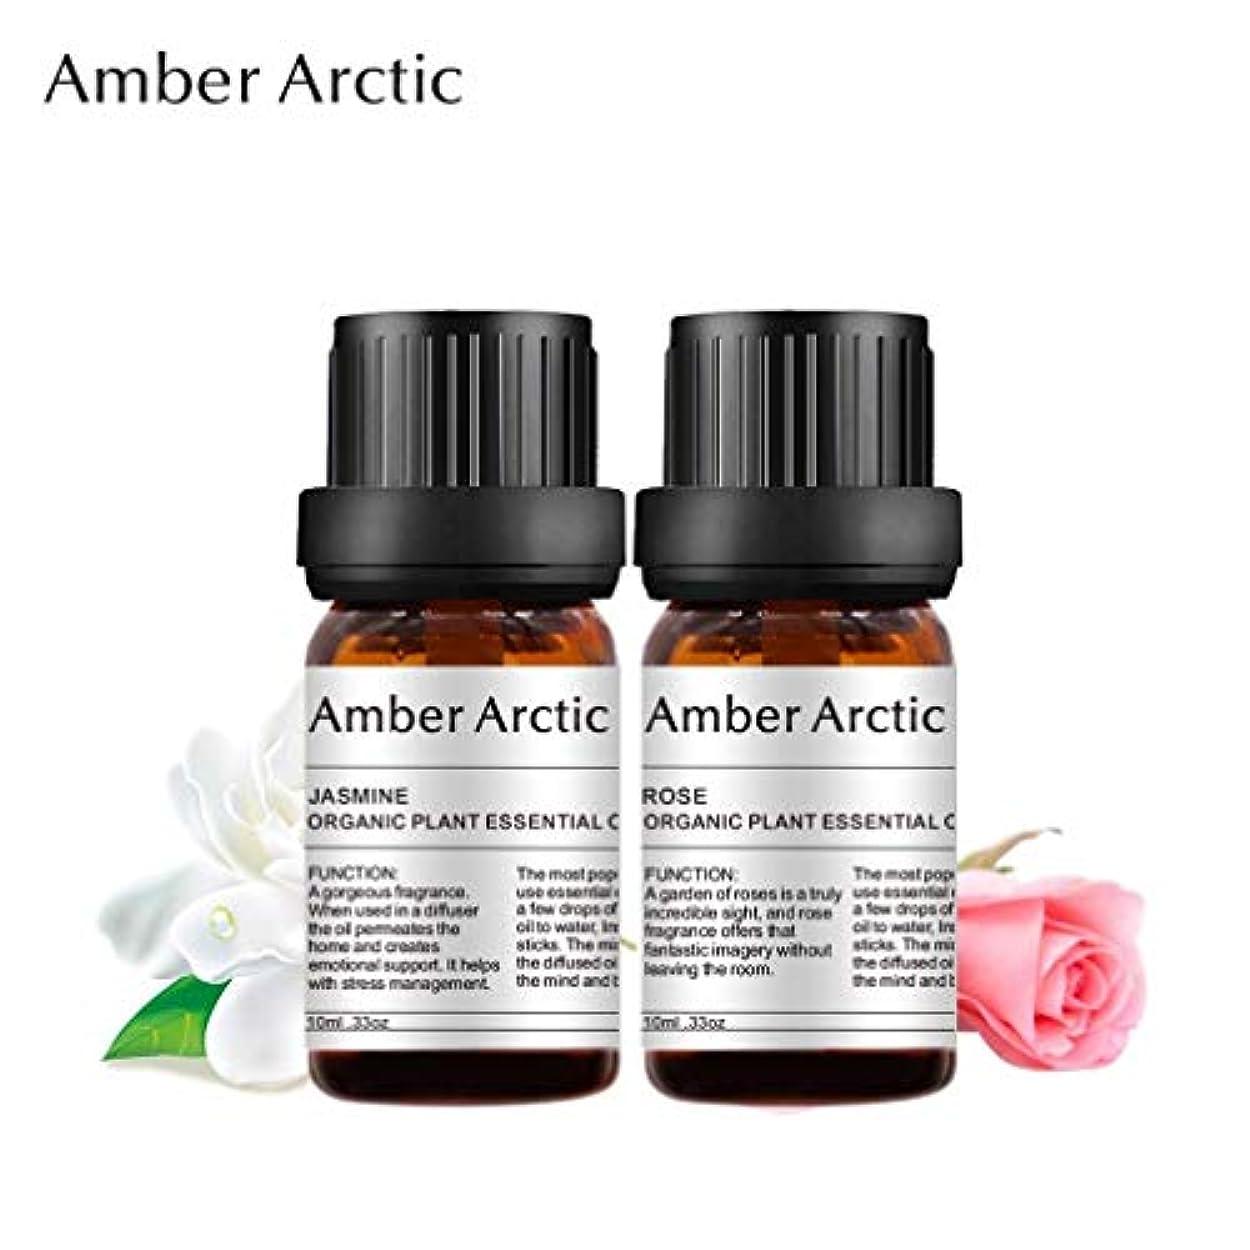 亡命料理をする落ちたAmber Arctic ディフューザ 2×10 ミリリットル 用 ジャスミン 精油 セット、 100% 純粋 天然 アロマ エッセンシャル オイル バラ